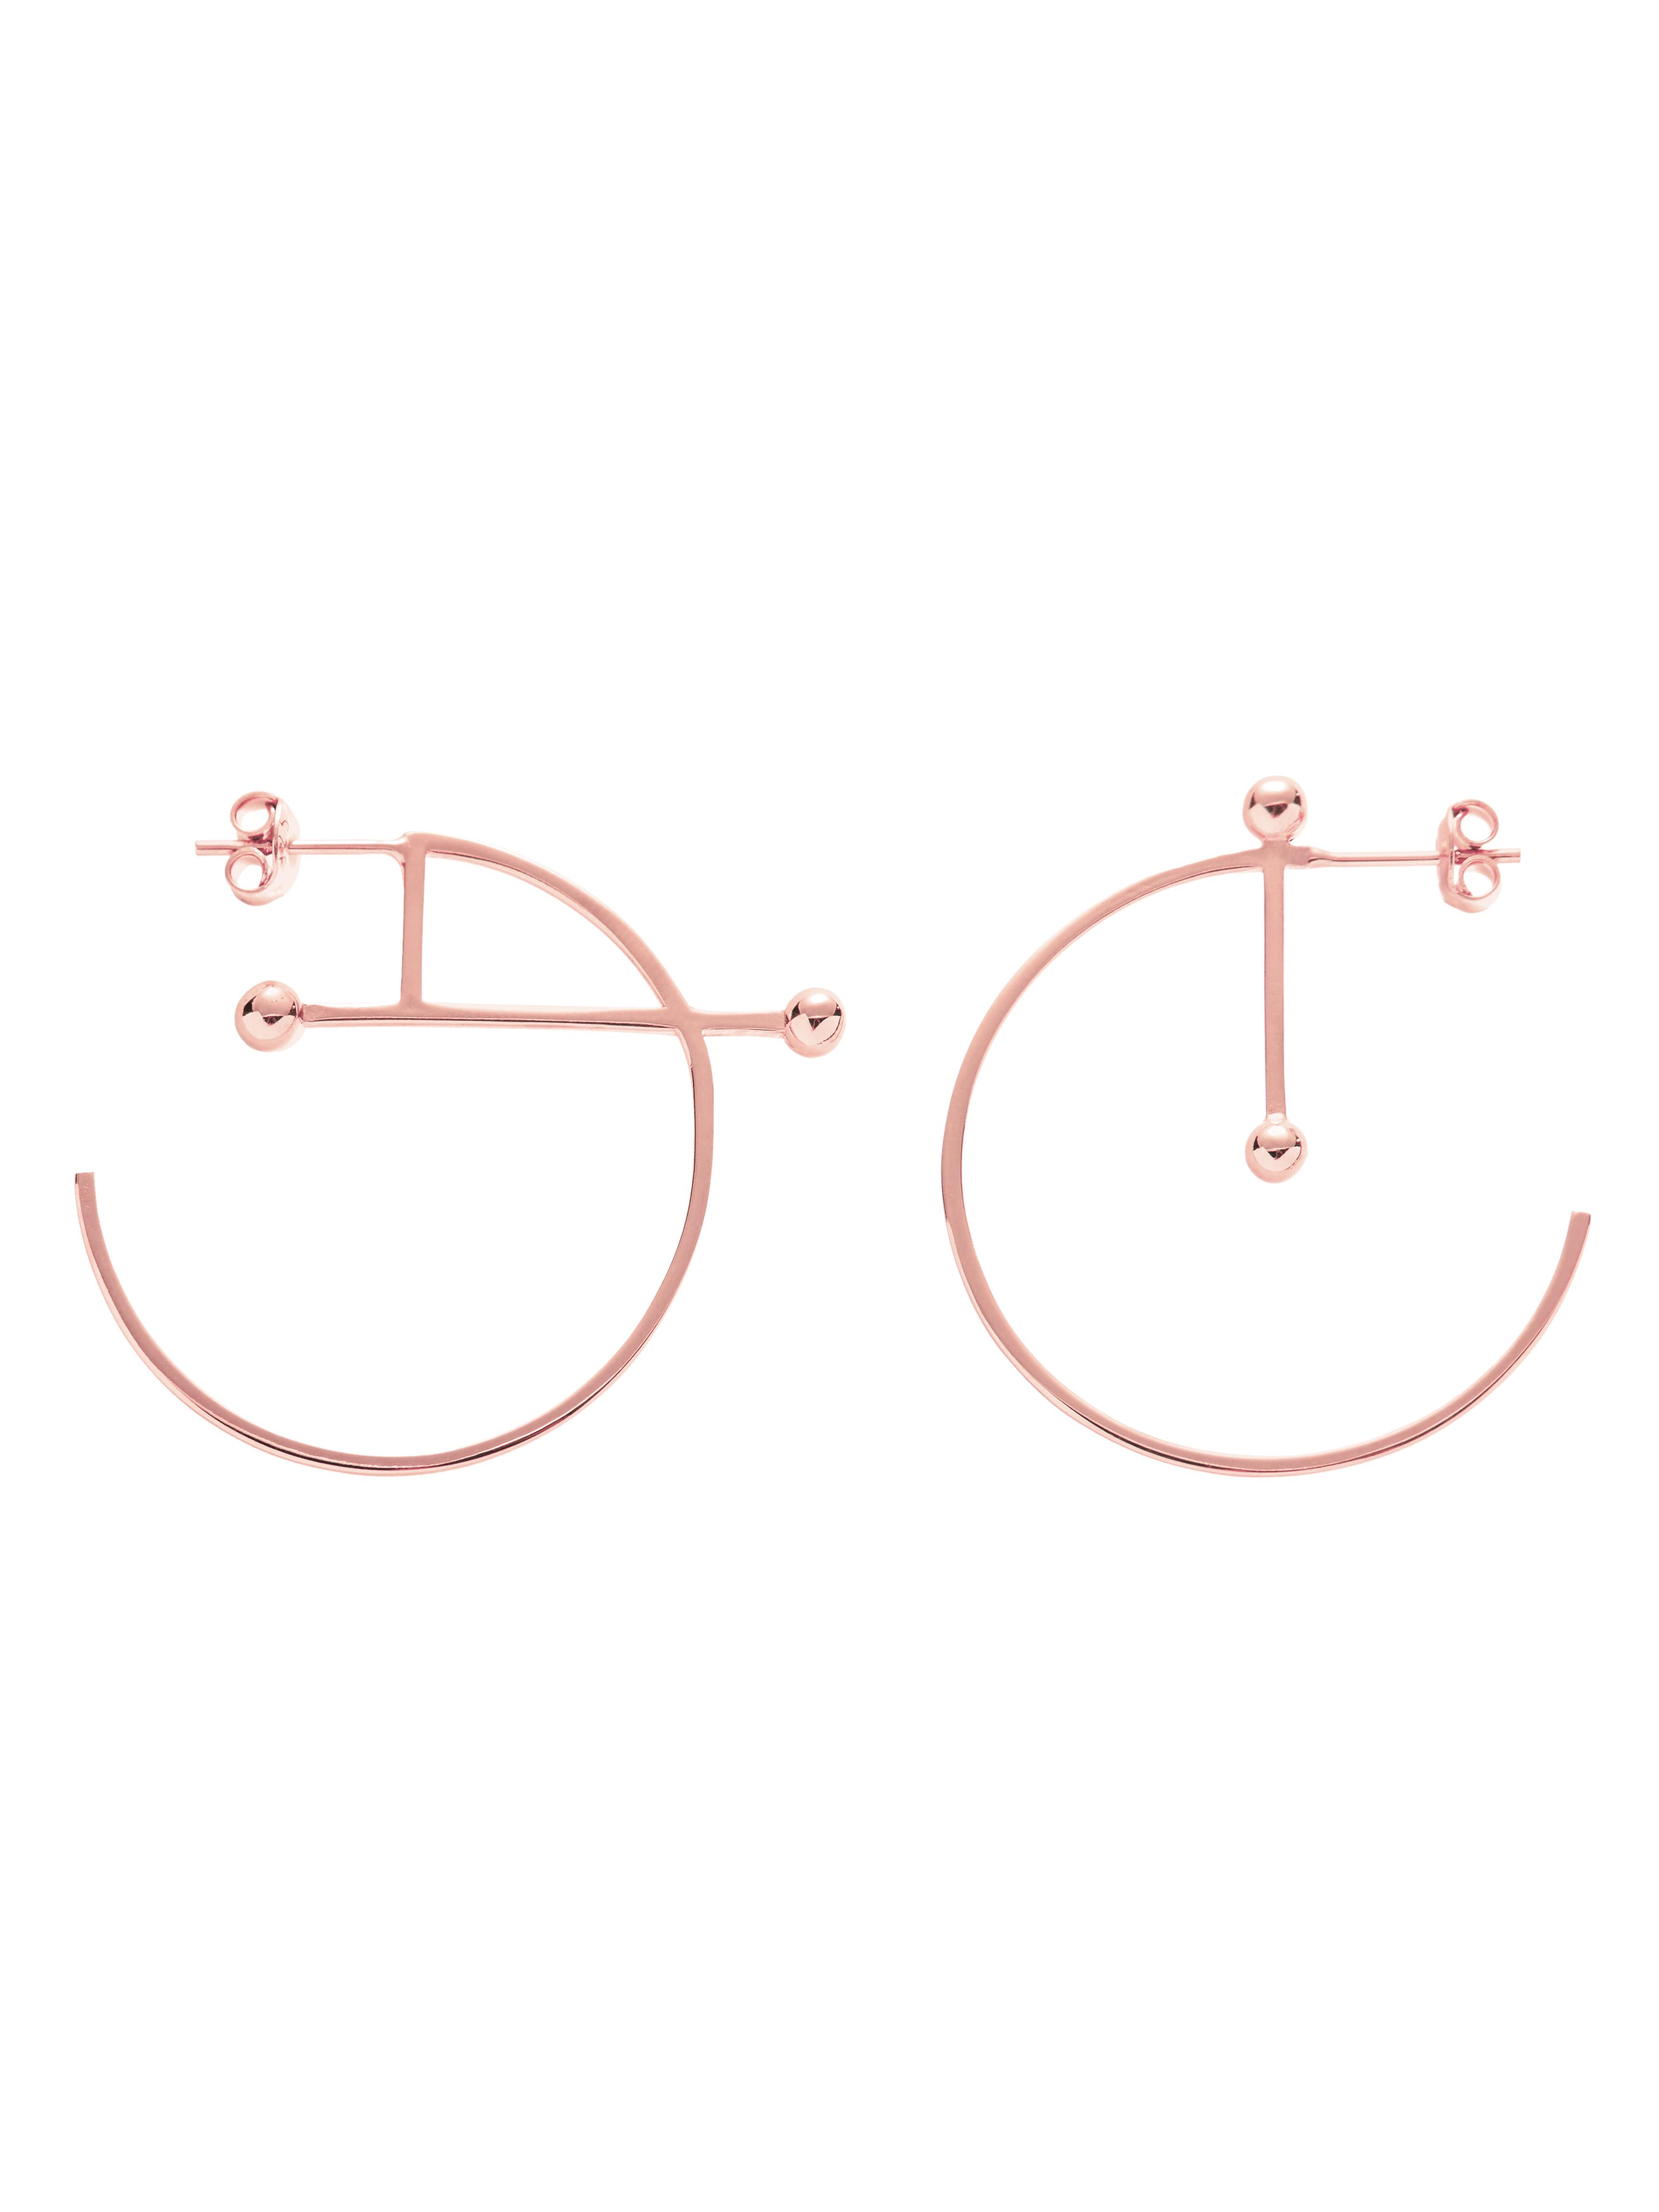 Kolczyki kółka asymetryczne re5 różowe złoto minimalistyczna biżuteria moie